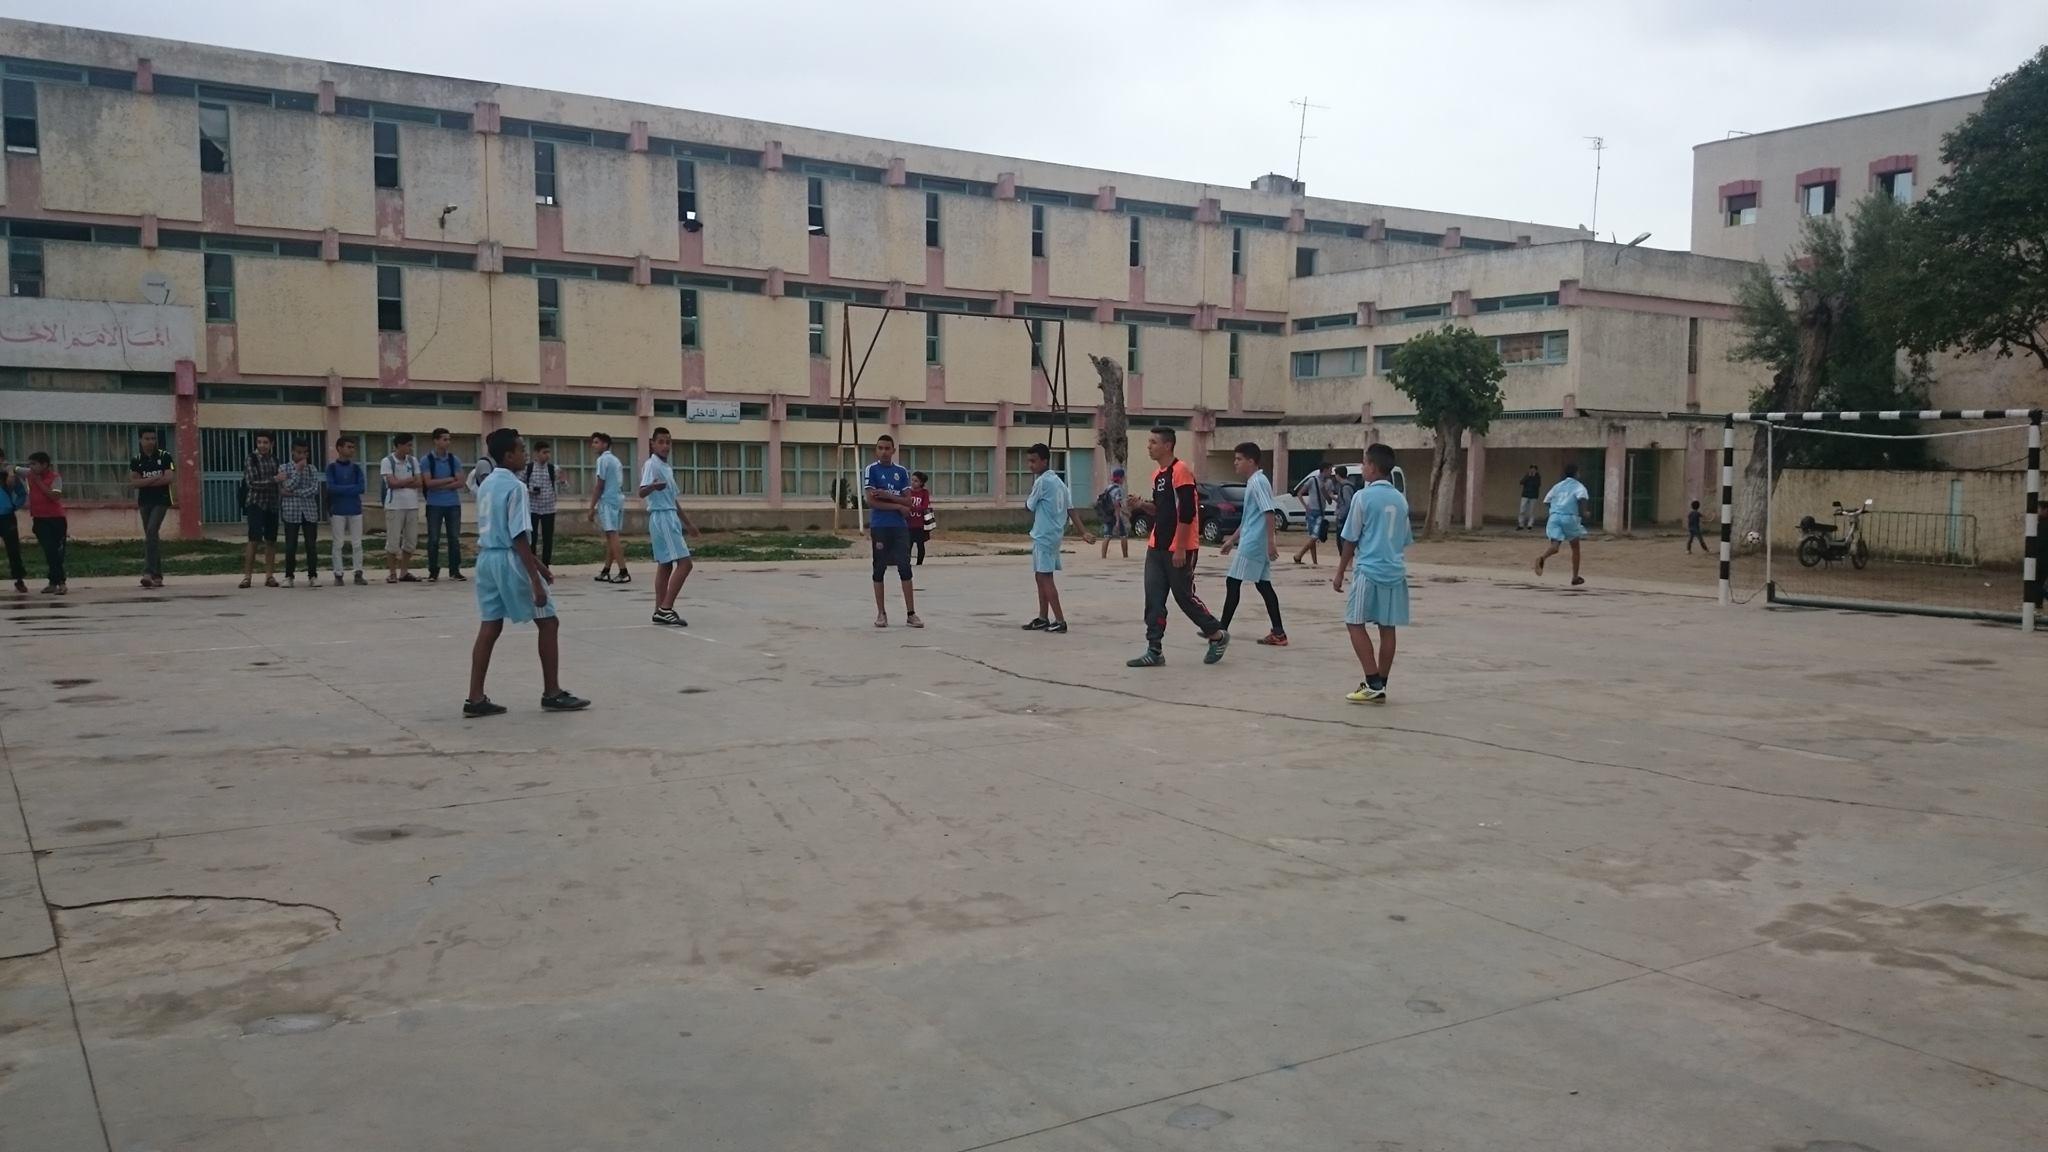 جمعية الانبعاث للتنمية والتربية تنظم النسخة 15 من الدوري الربيعي لكرة القدم المصغرة.